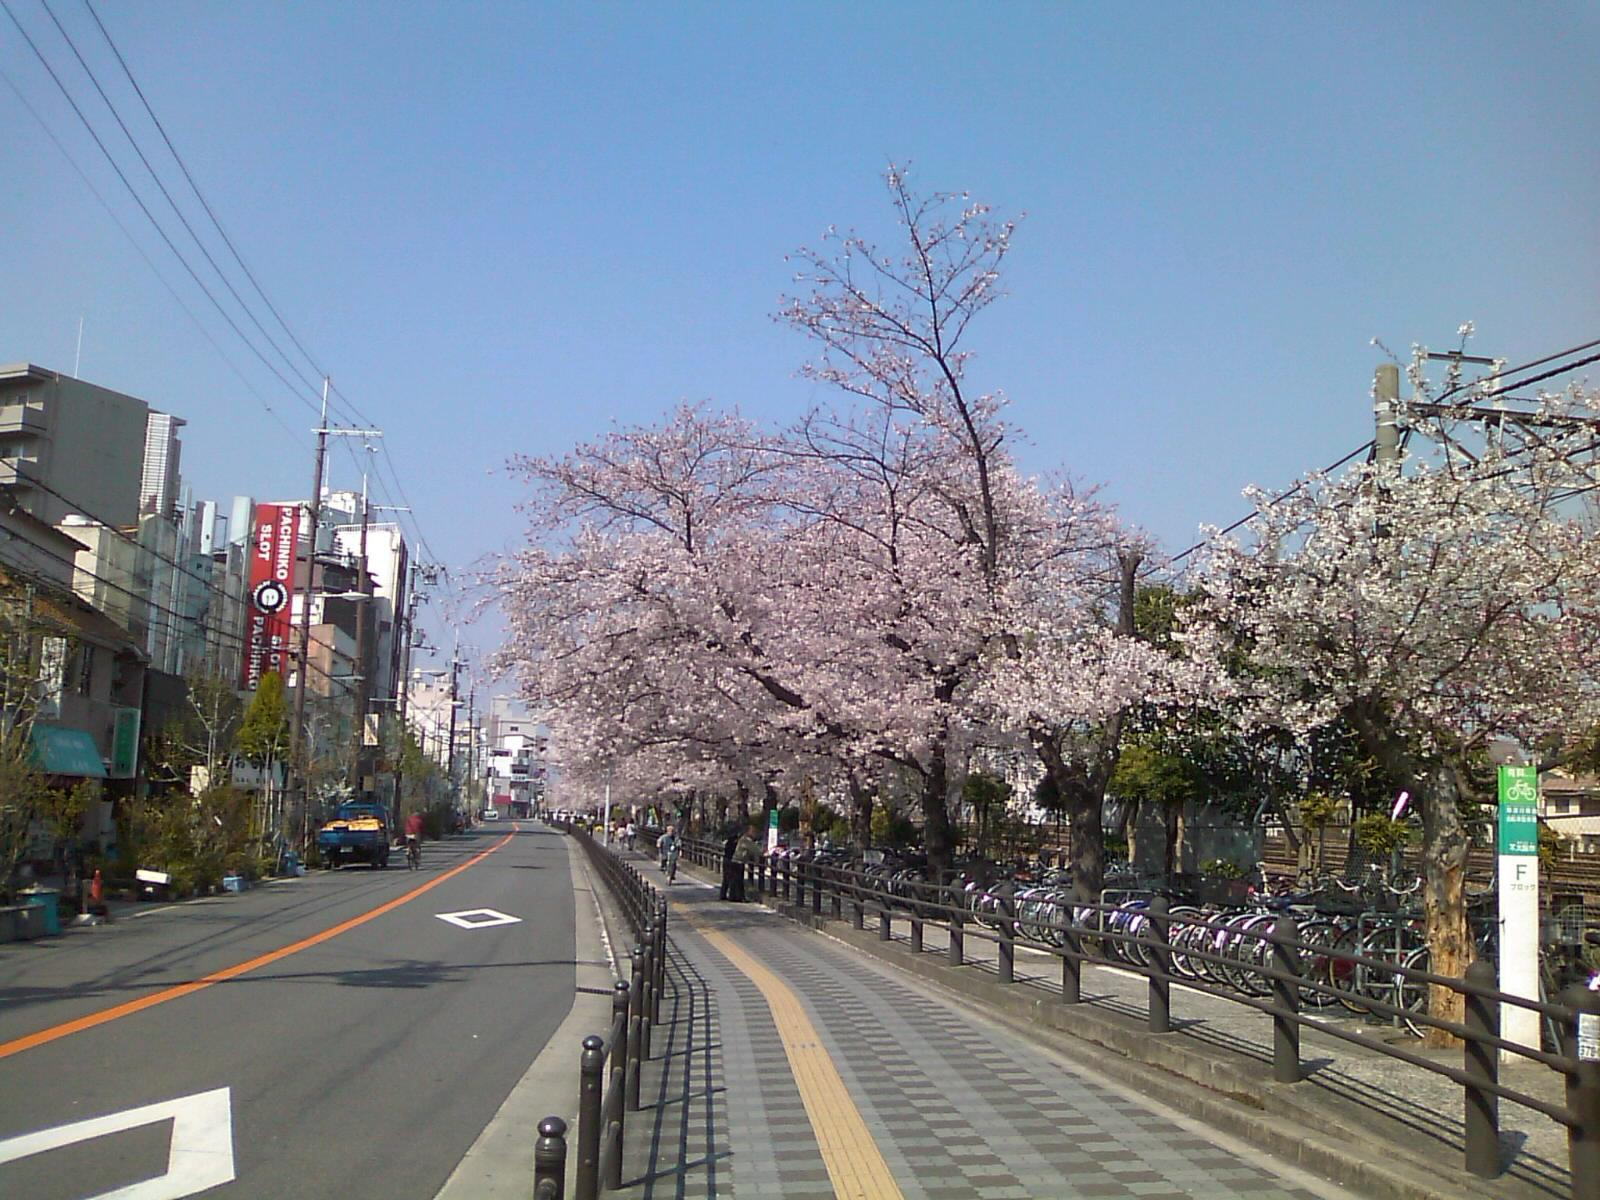 近くにこんなに素敵な桜並木があるのだ。.jpg